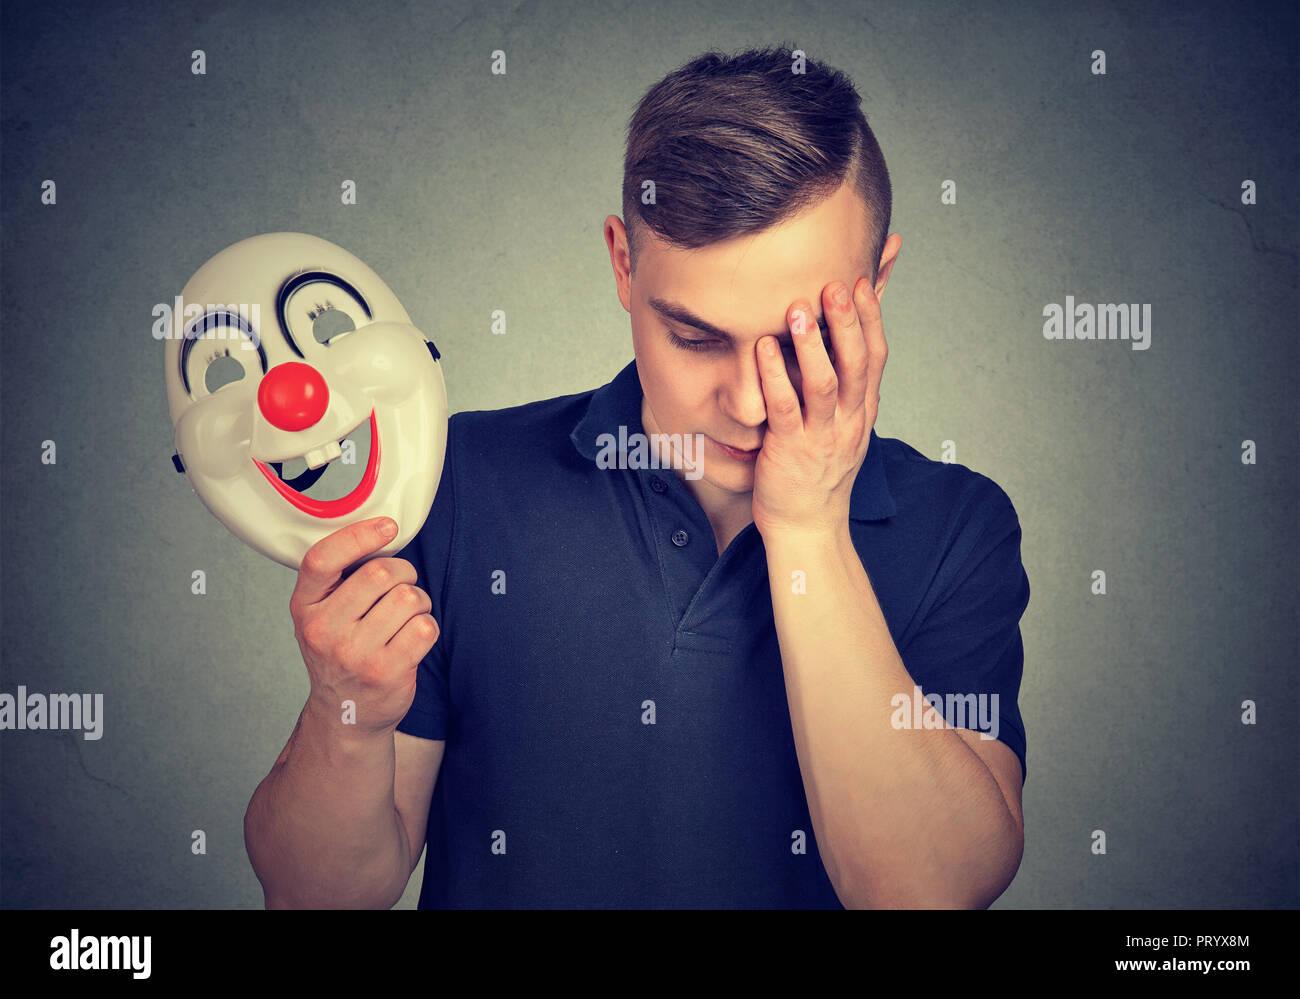 Giovane Azienda colorata maschera clown e guardando sconvolto essendo in depressione e nascondere i sentimenti Immagini Stock